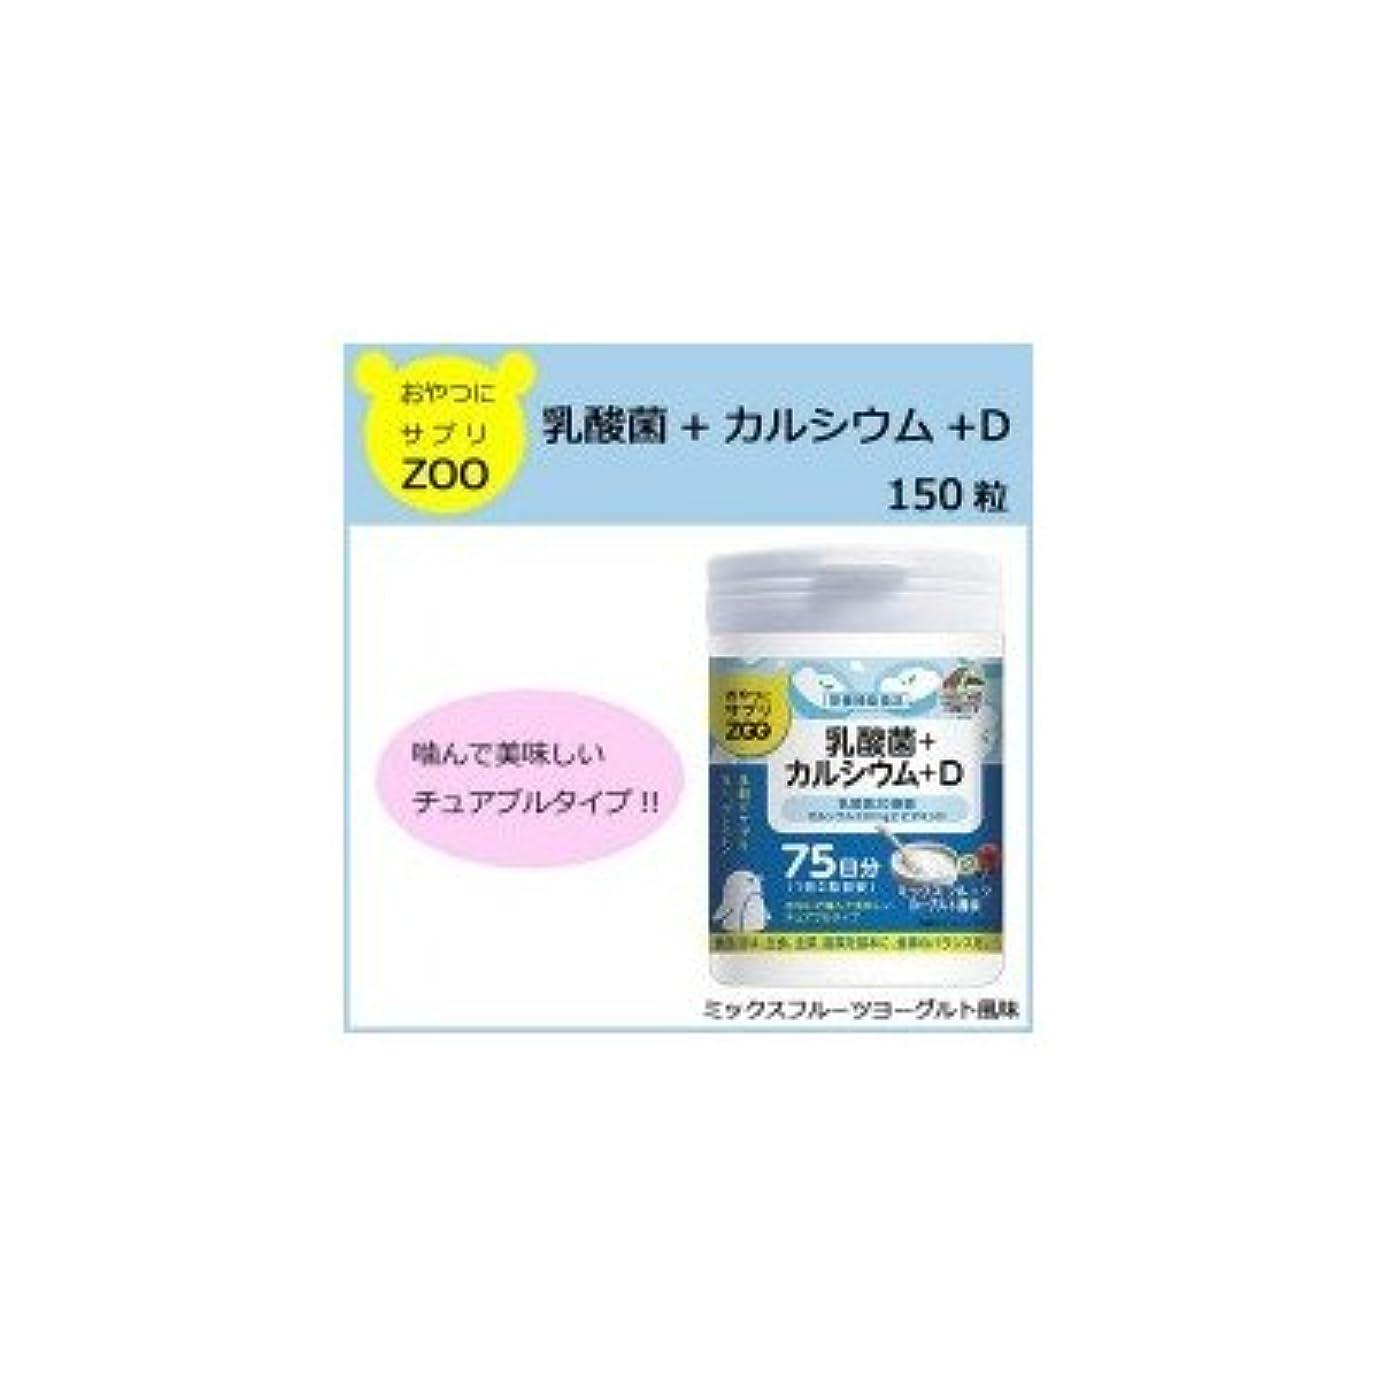 海外で演劇艦隊ユニマットリケン おやつにサプリZOO 乳酸菌+カルシウム+D 150粒